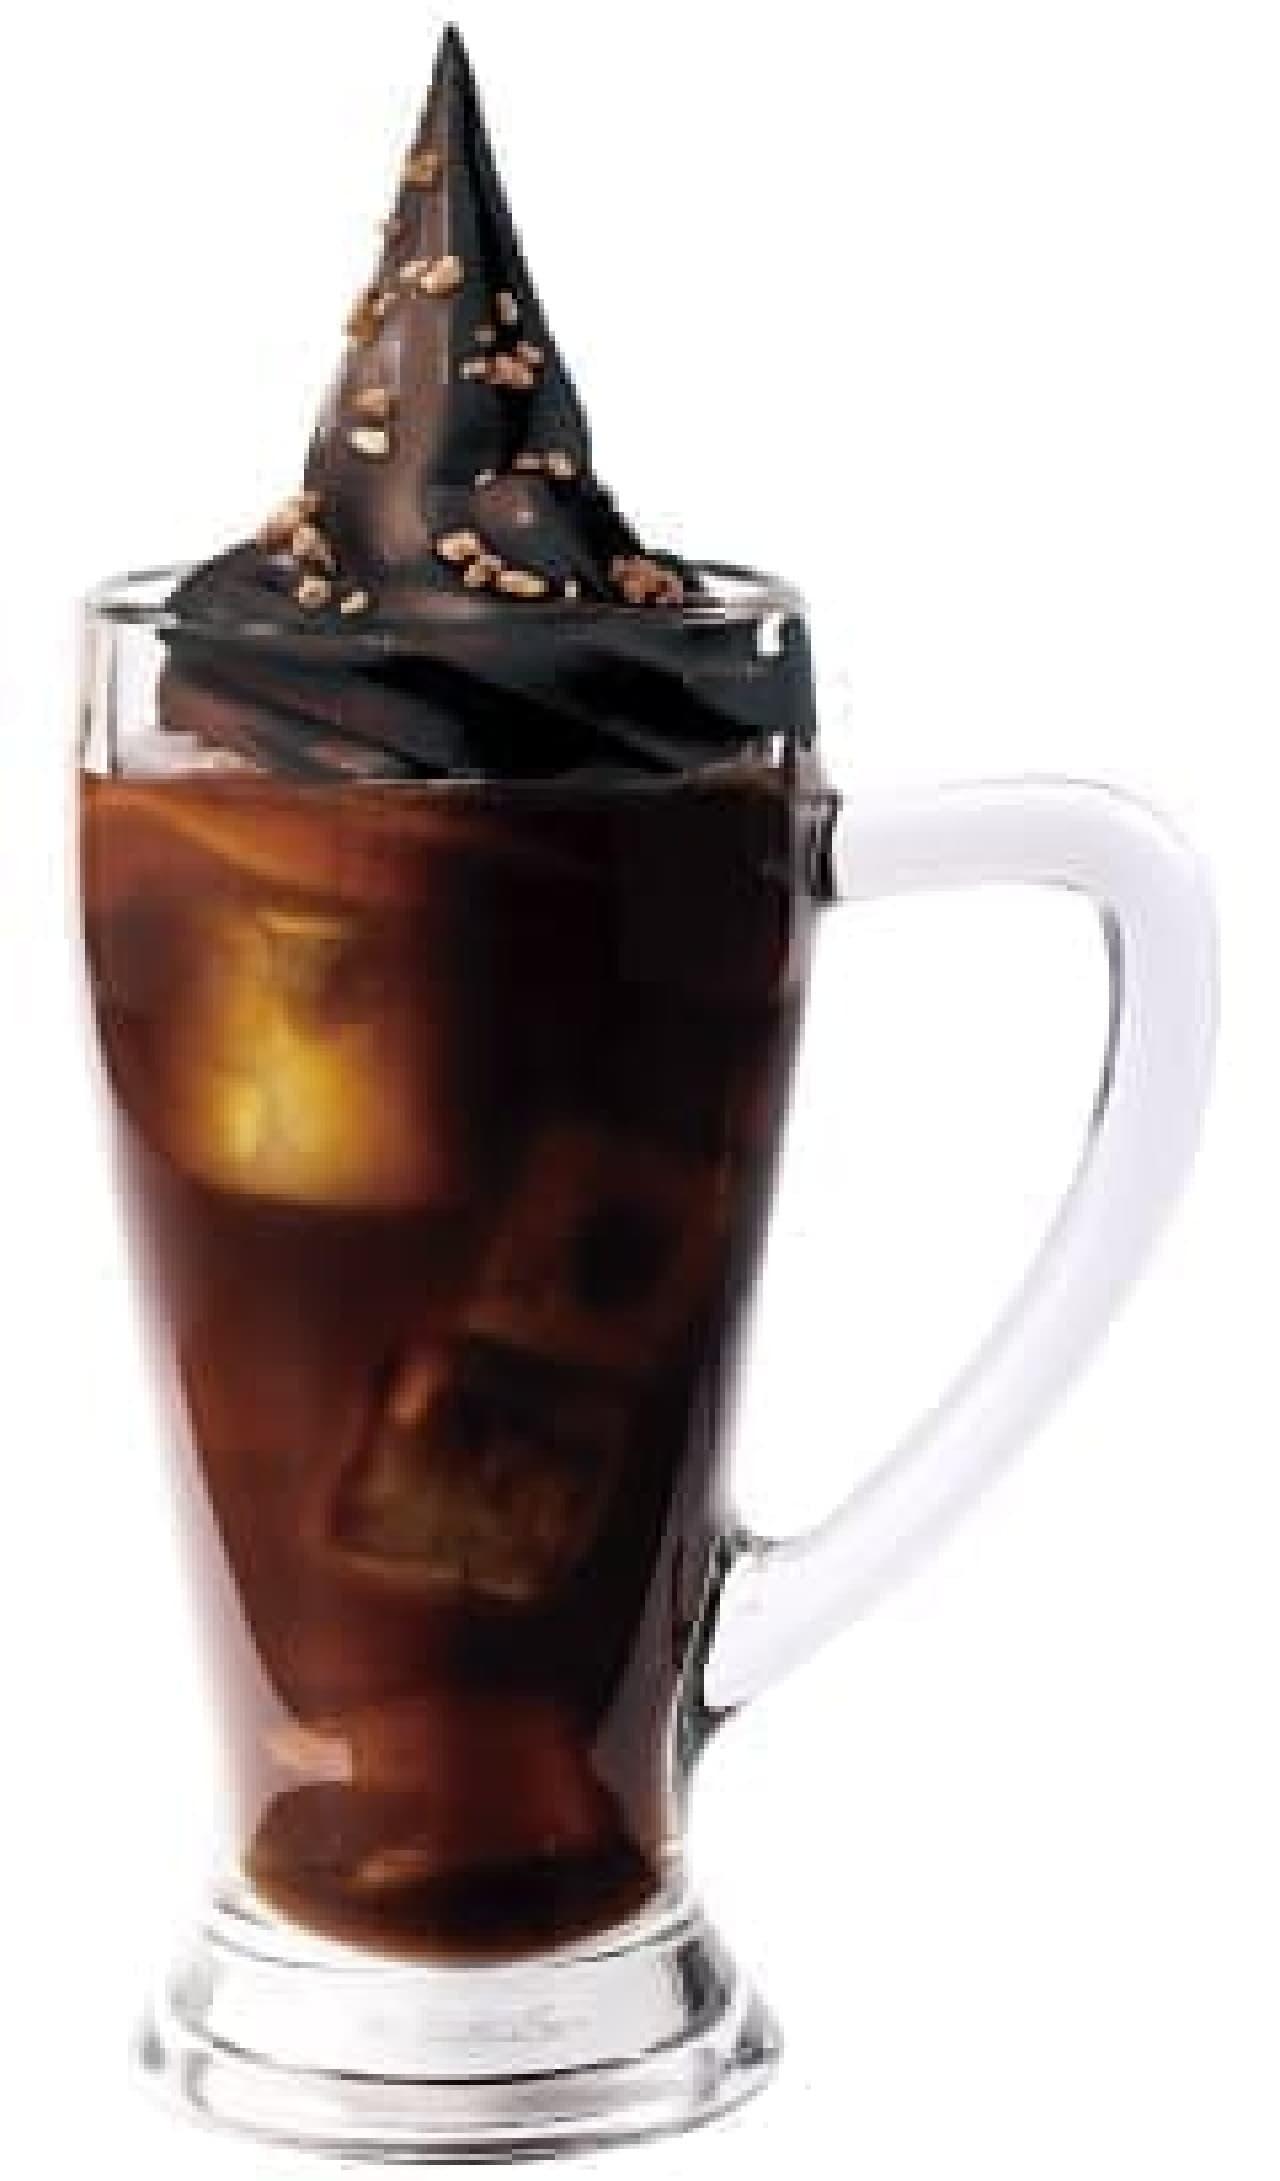 コメダ珈琲店とゴディバのコラボメニュー「クリームコーヒー」